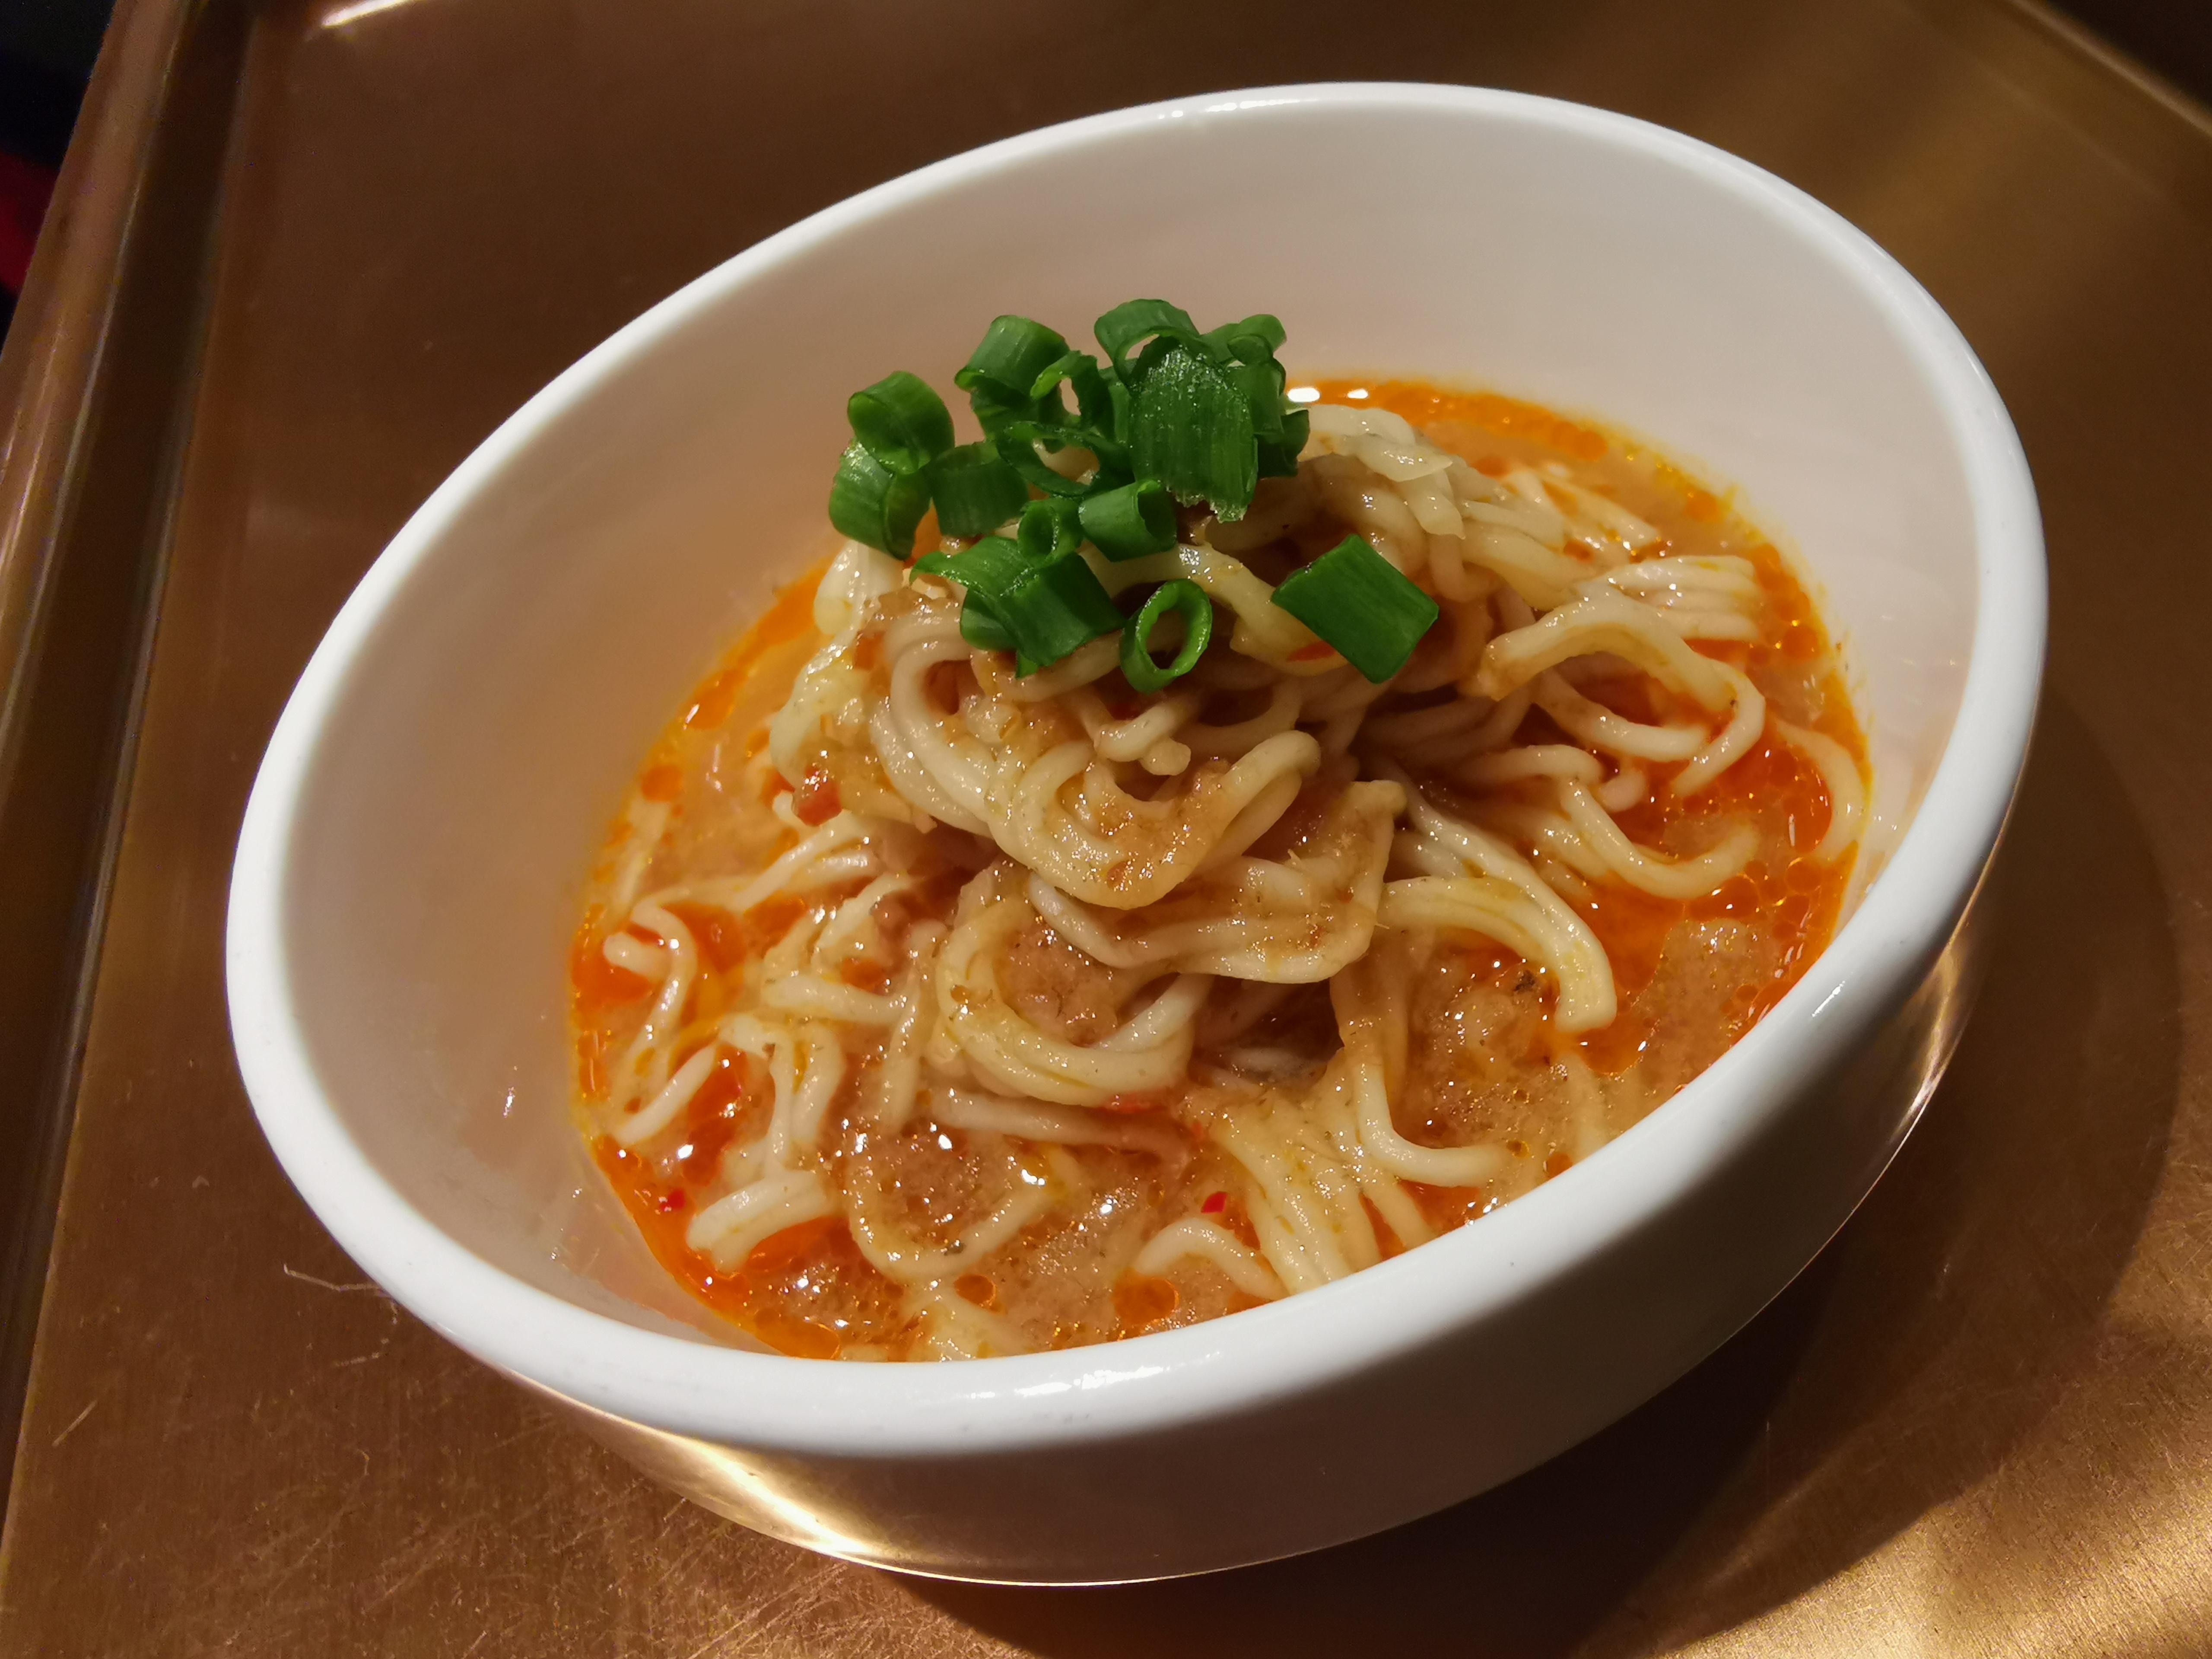 laska w huiashan noodles